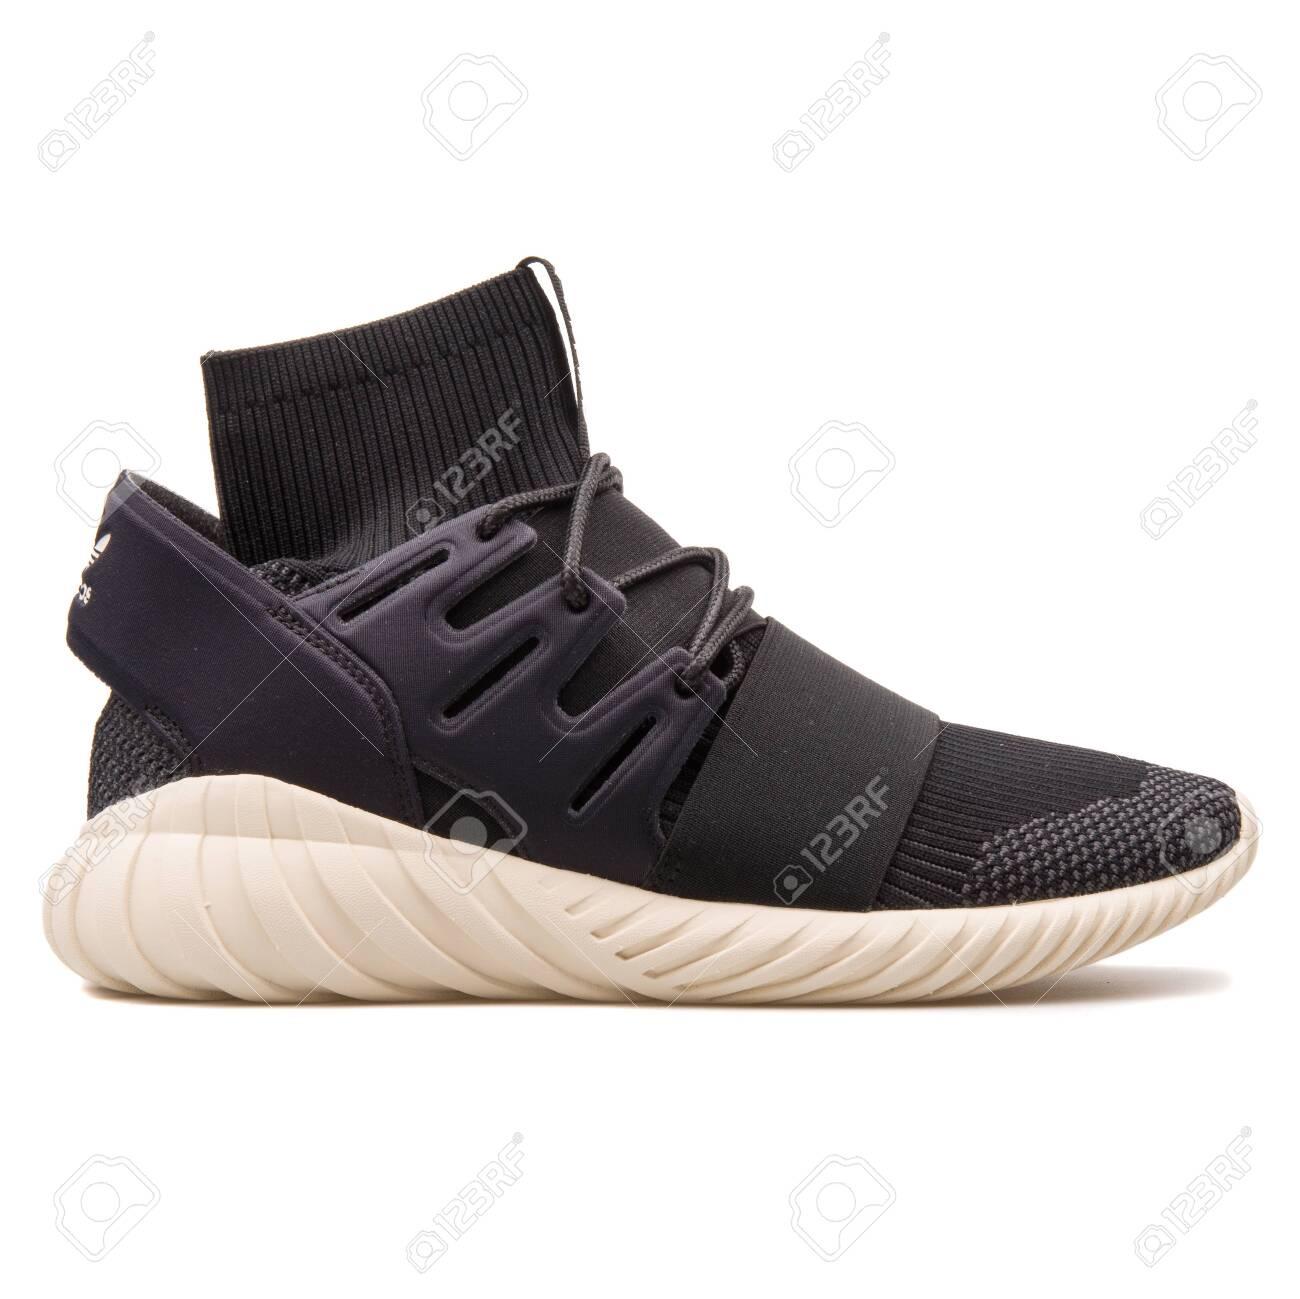 Adidas Tubular Doom PK Black.. Stock